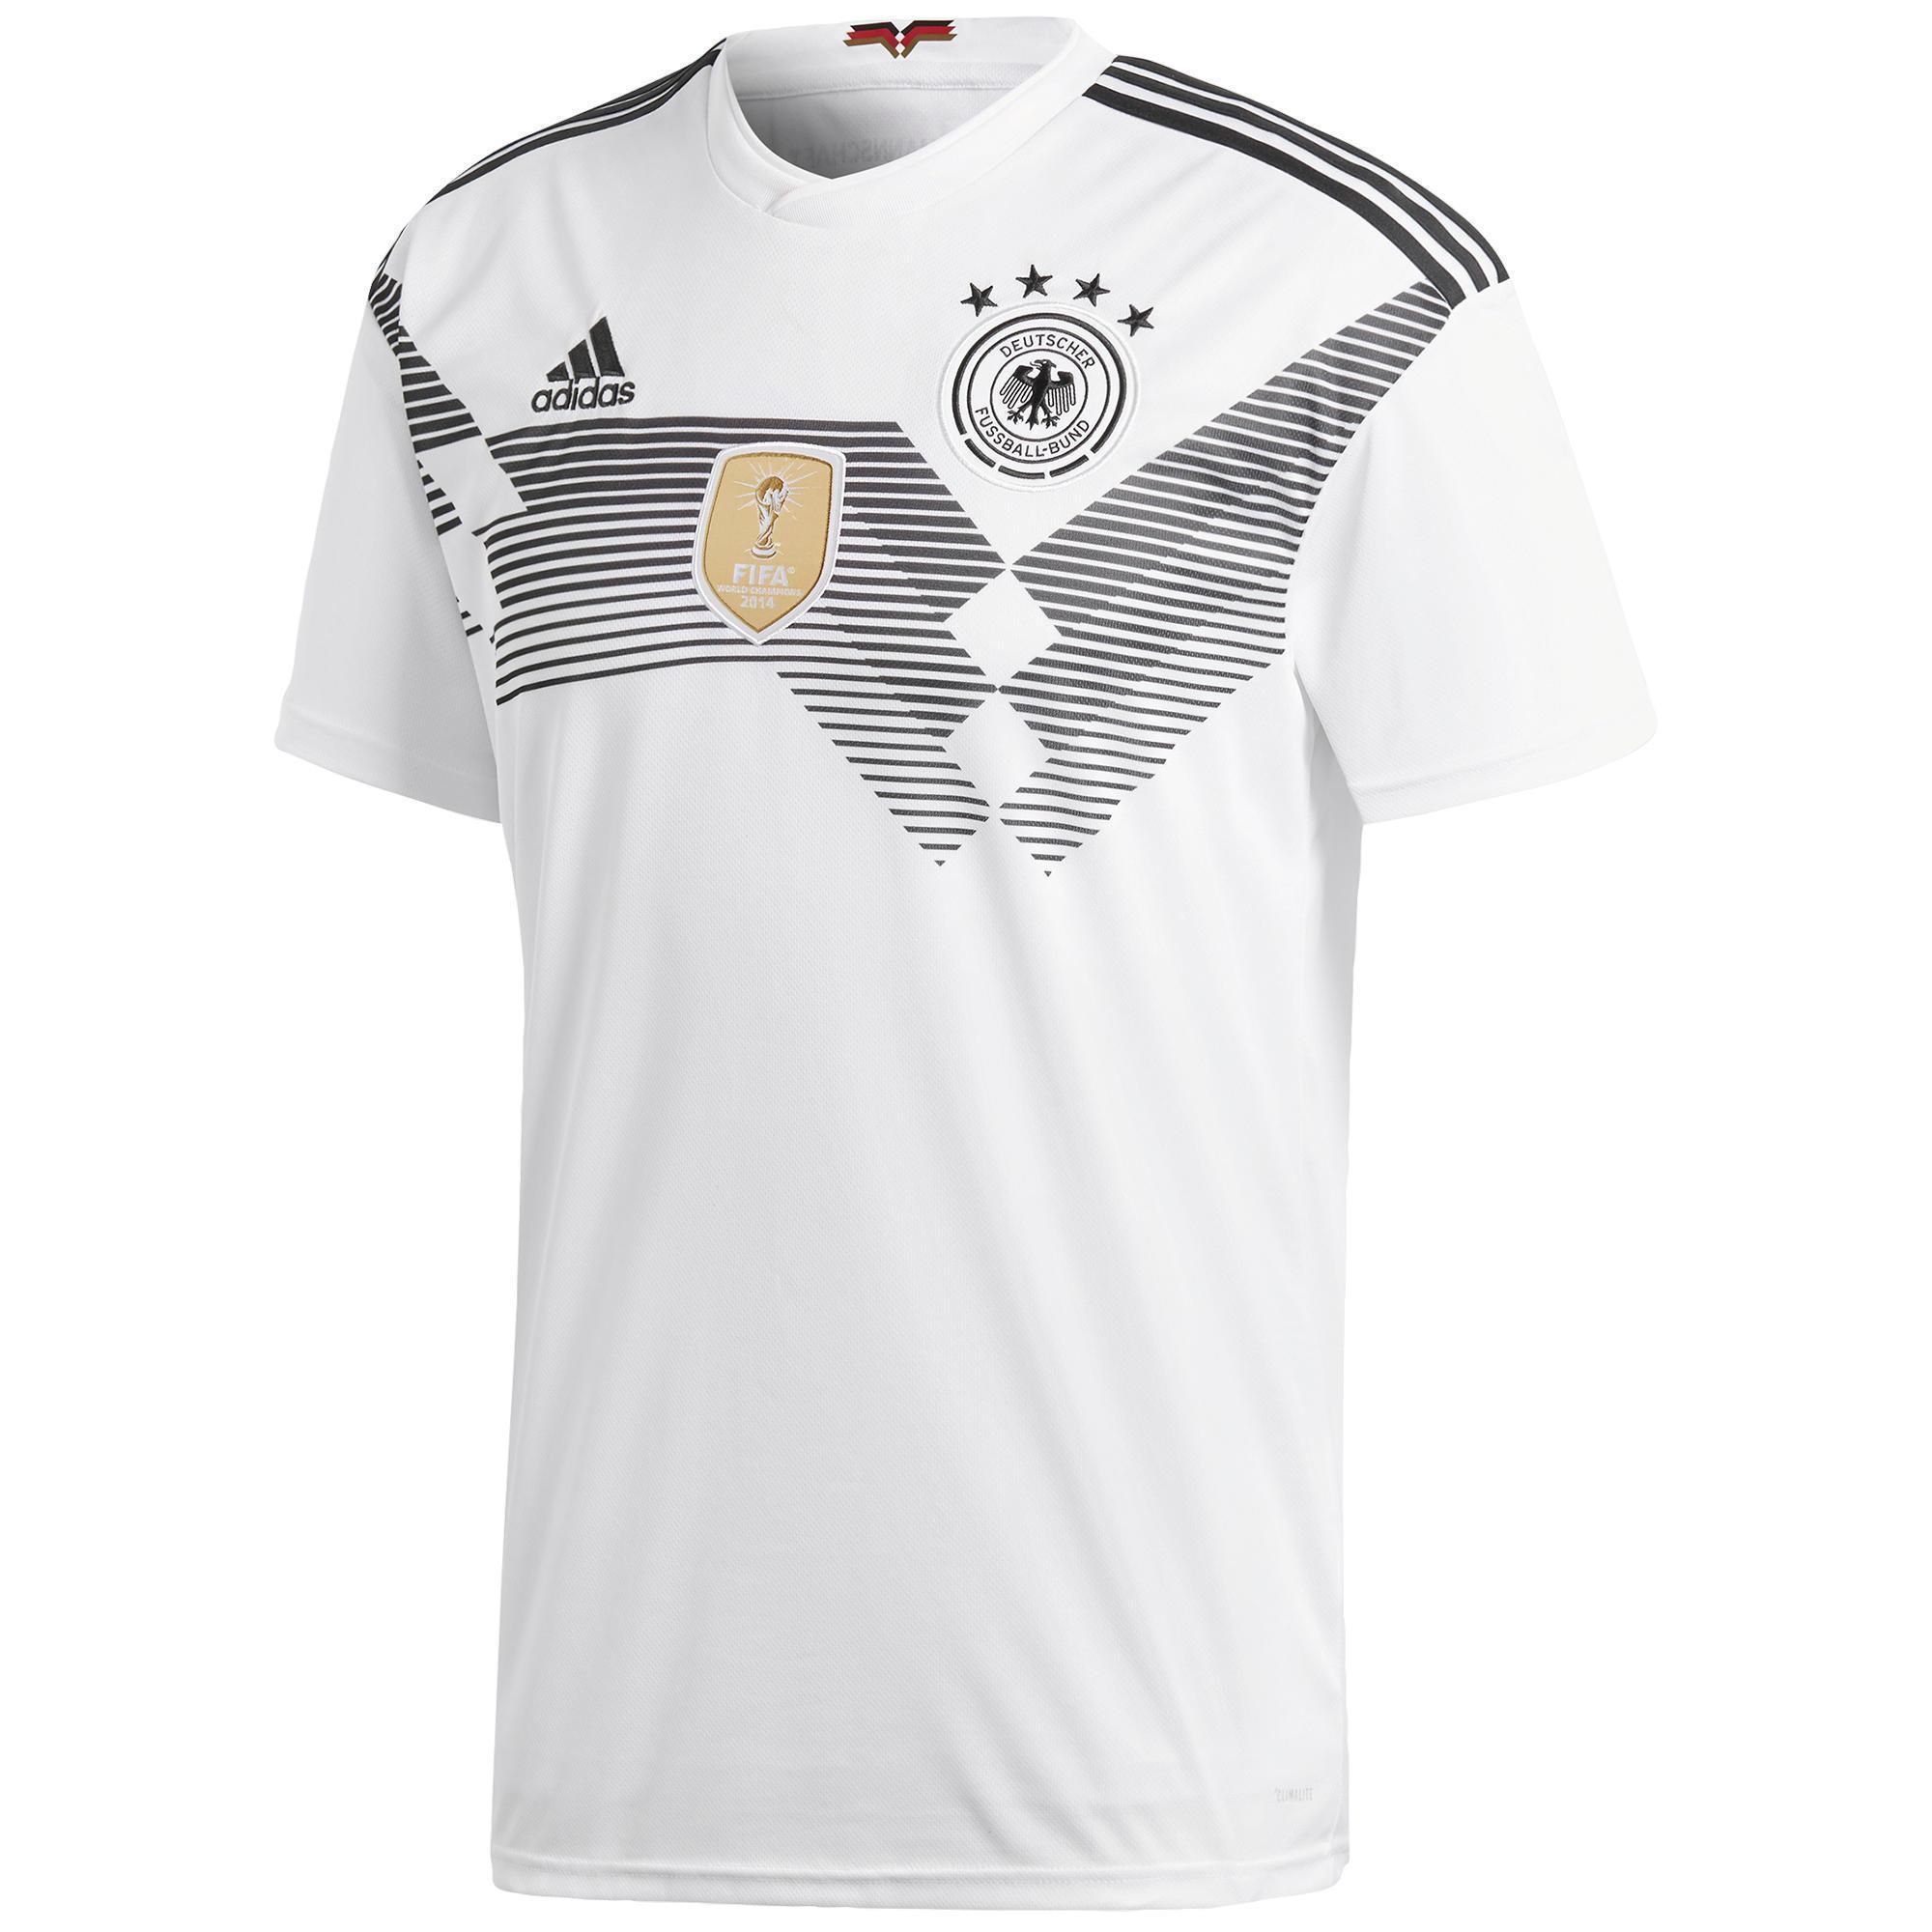 Camisetas Oficiales Selecciones Fútbol 2018  7833825509ae8